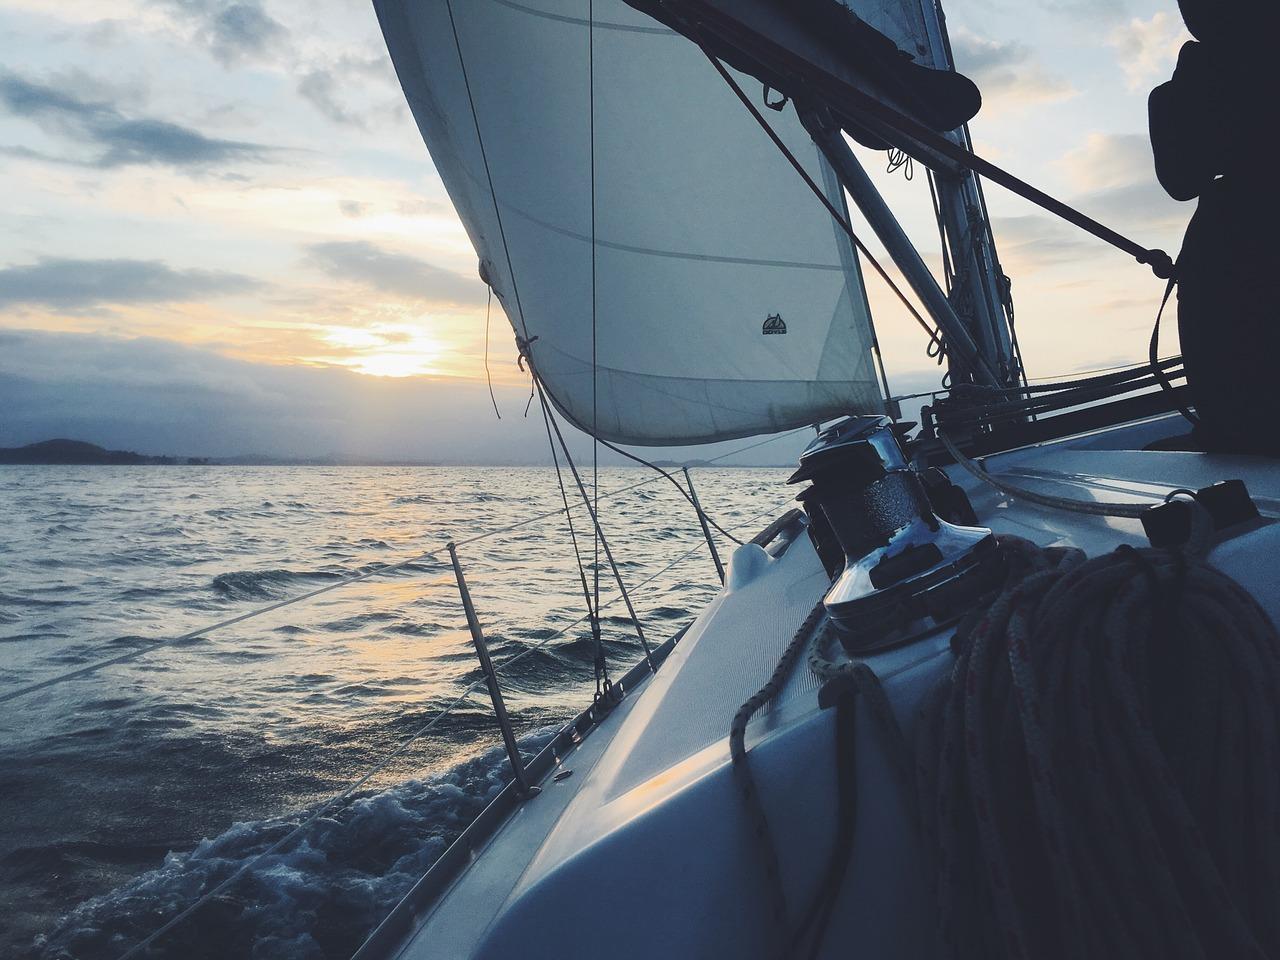 sail-boat-holiday